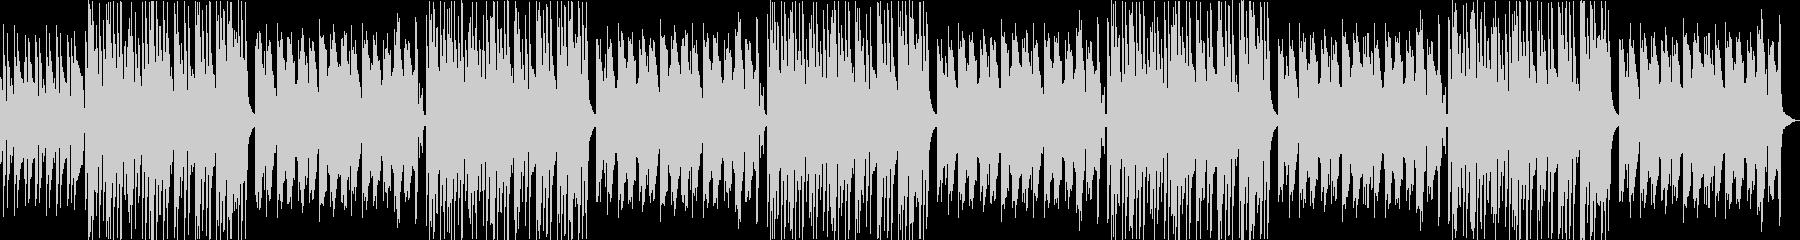 ほのぼのしたトイピアノがかわいいBGMの未再生の波形